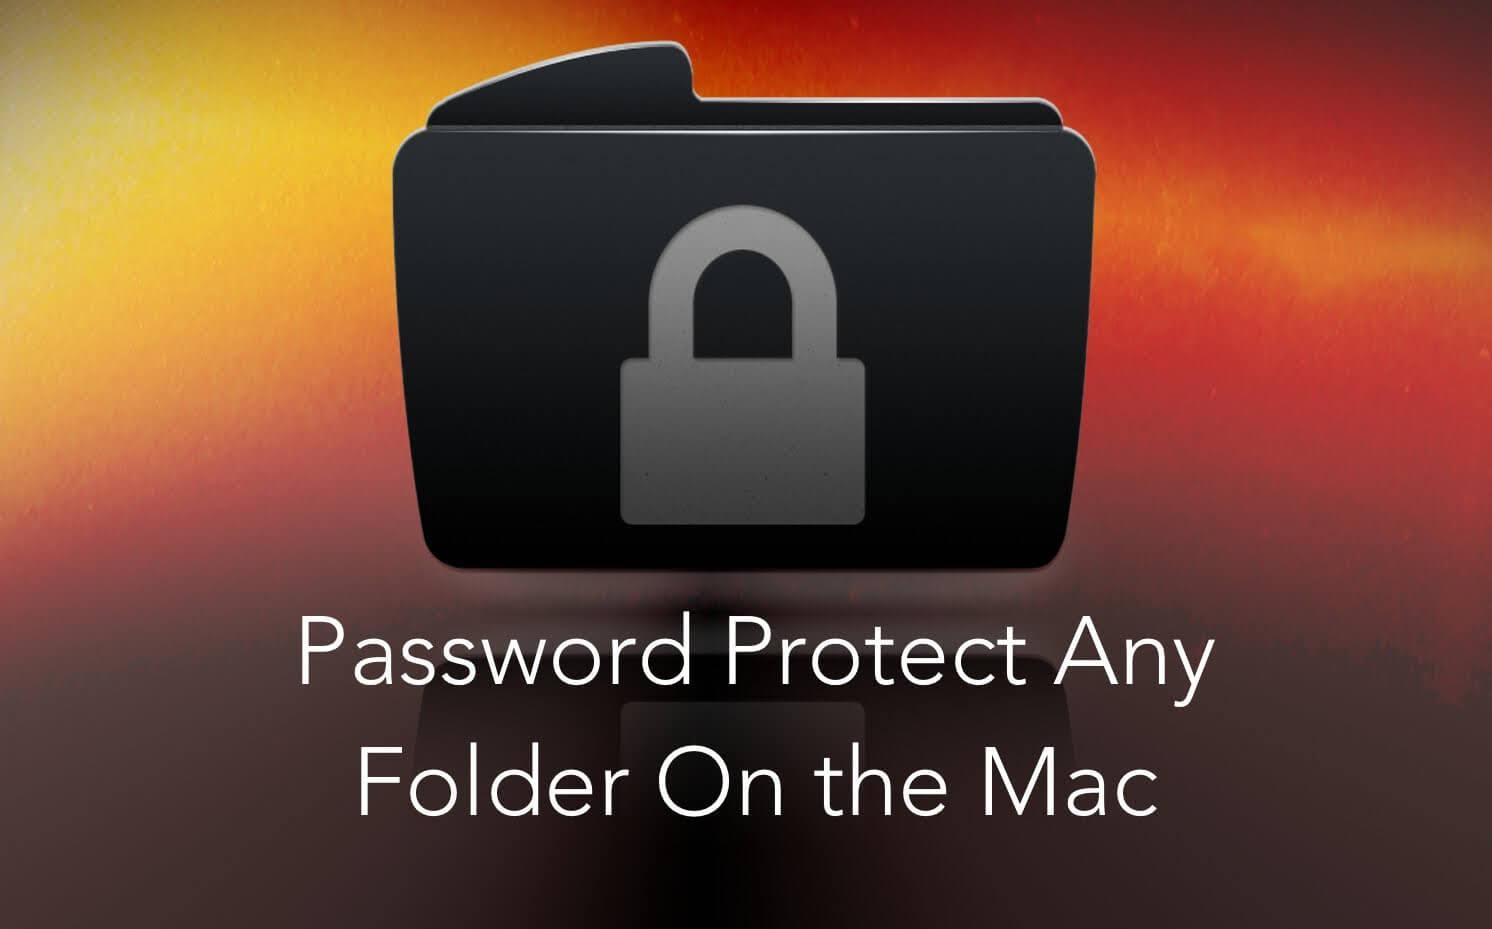 Einen Ordner auf dem Mac sperren